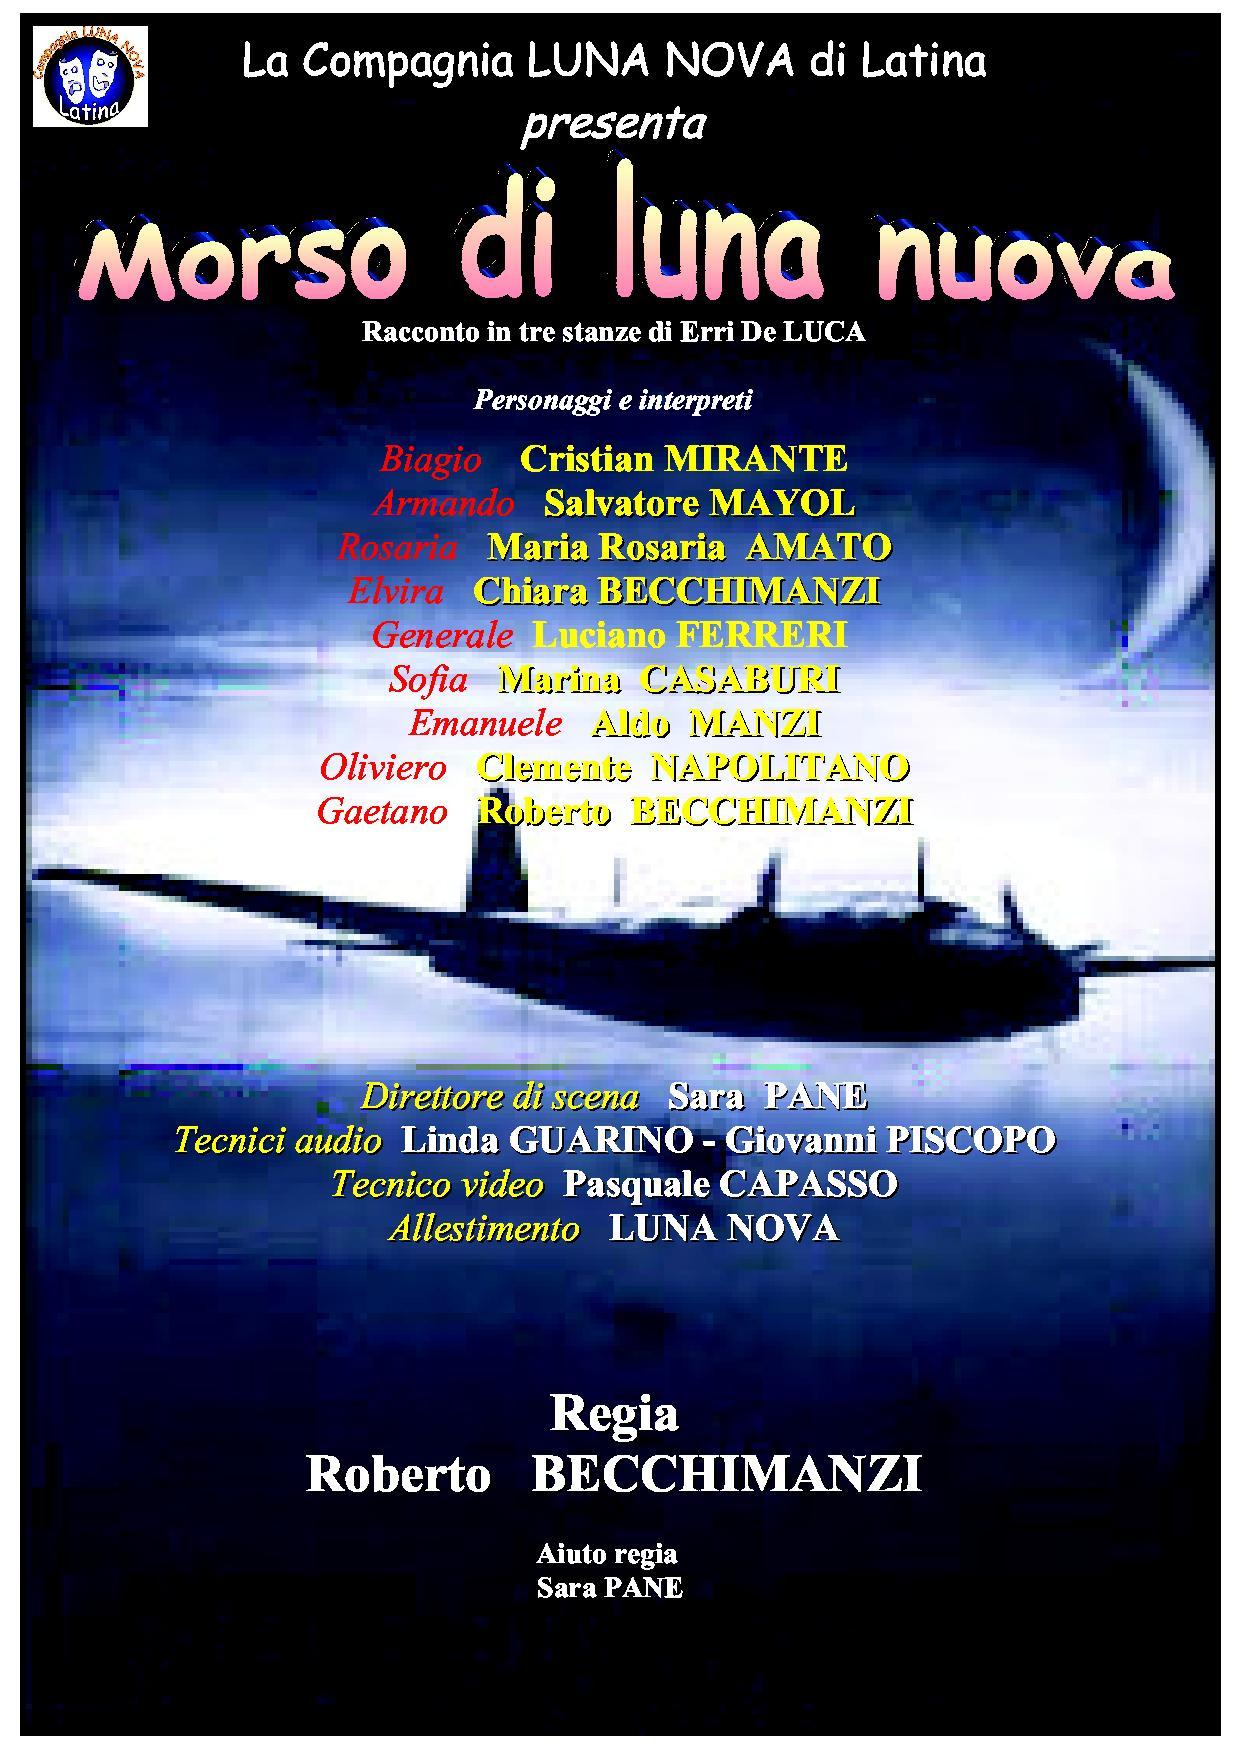 MORSO DI LUNA NUOVA - Castello di Gorizia